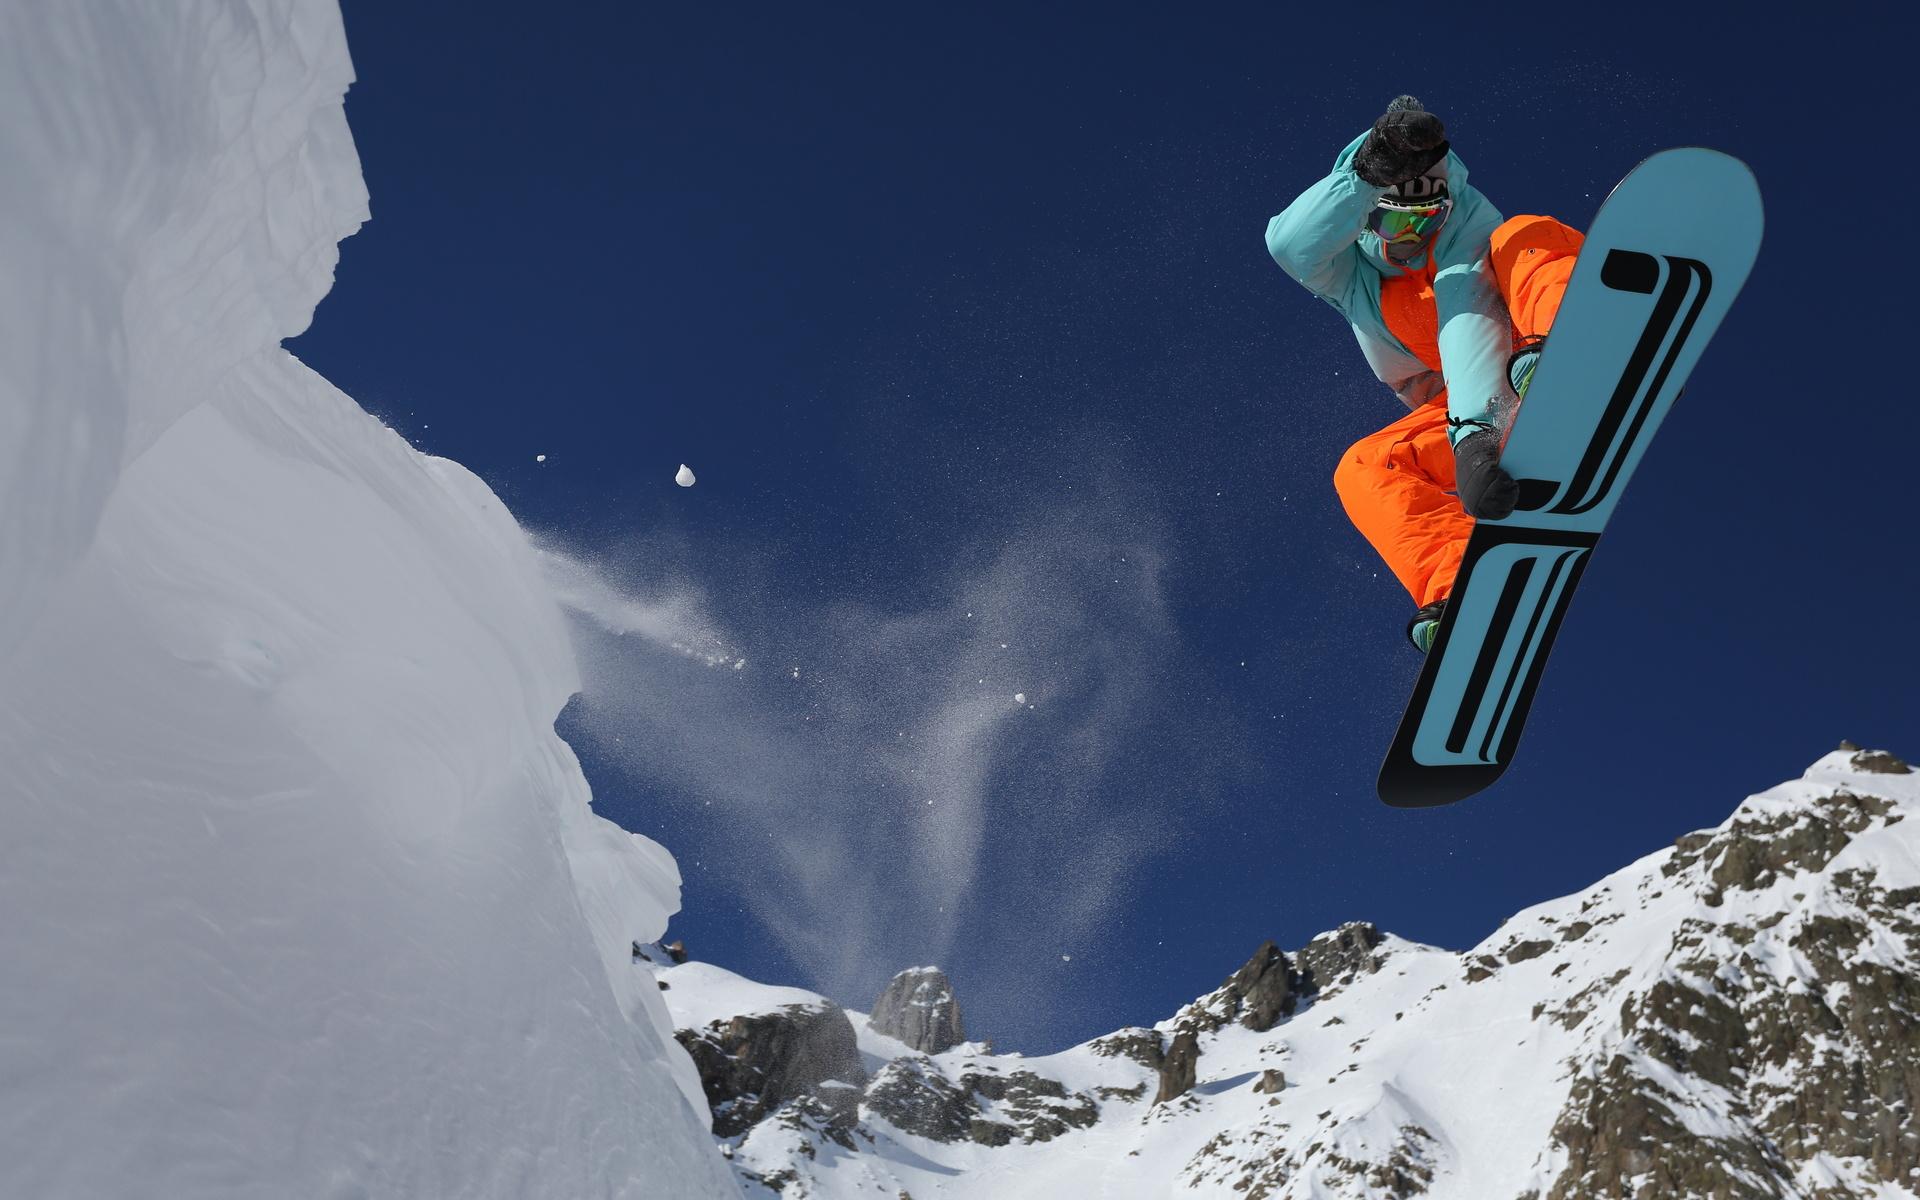 Фото Сноубордист в красивом прыжке на снежном склоне горы